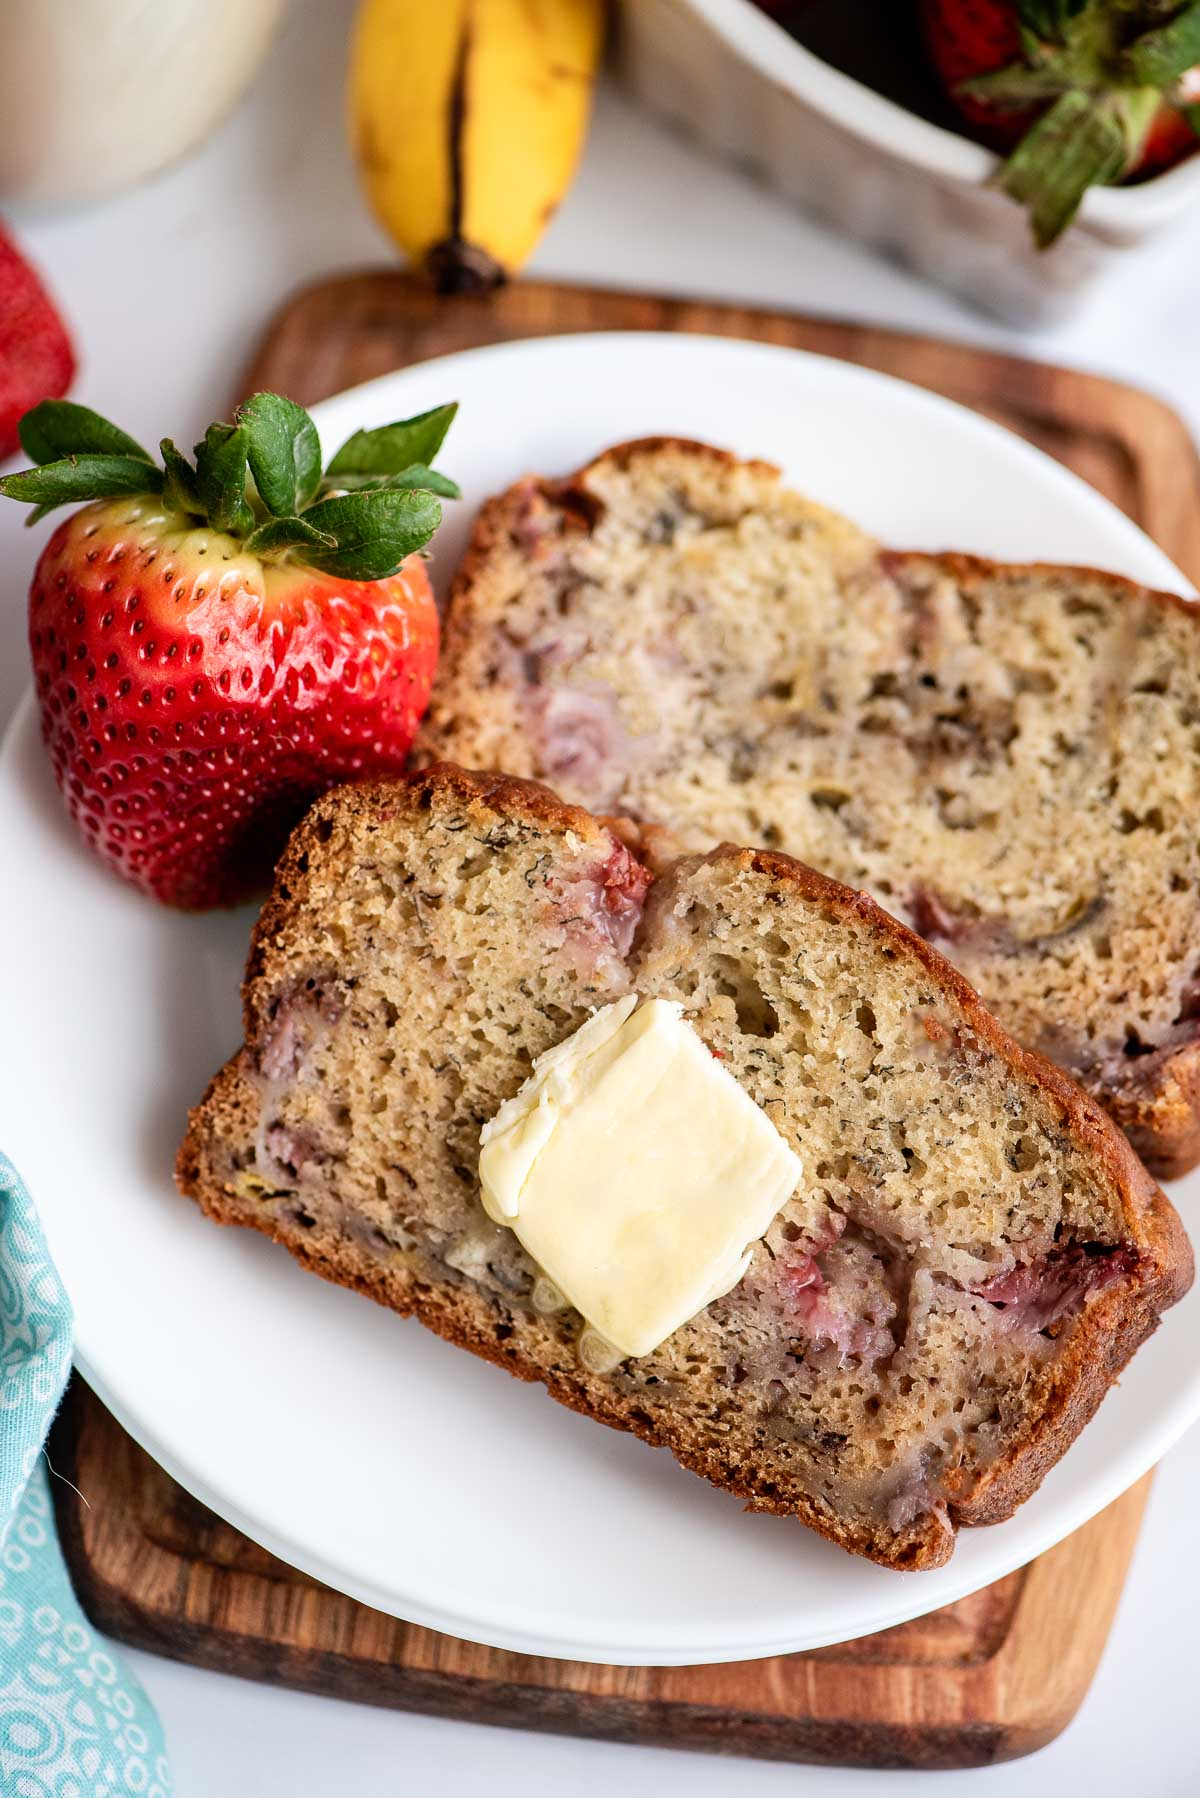 strawberry banana bread sliced close